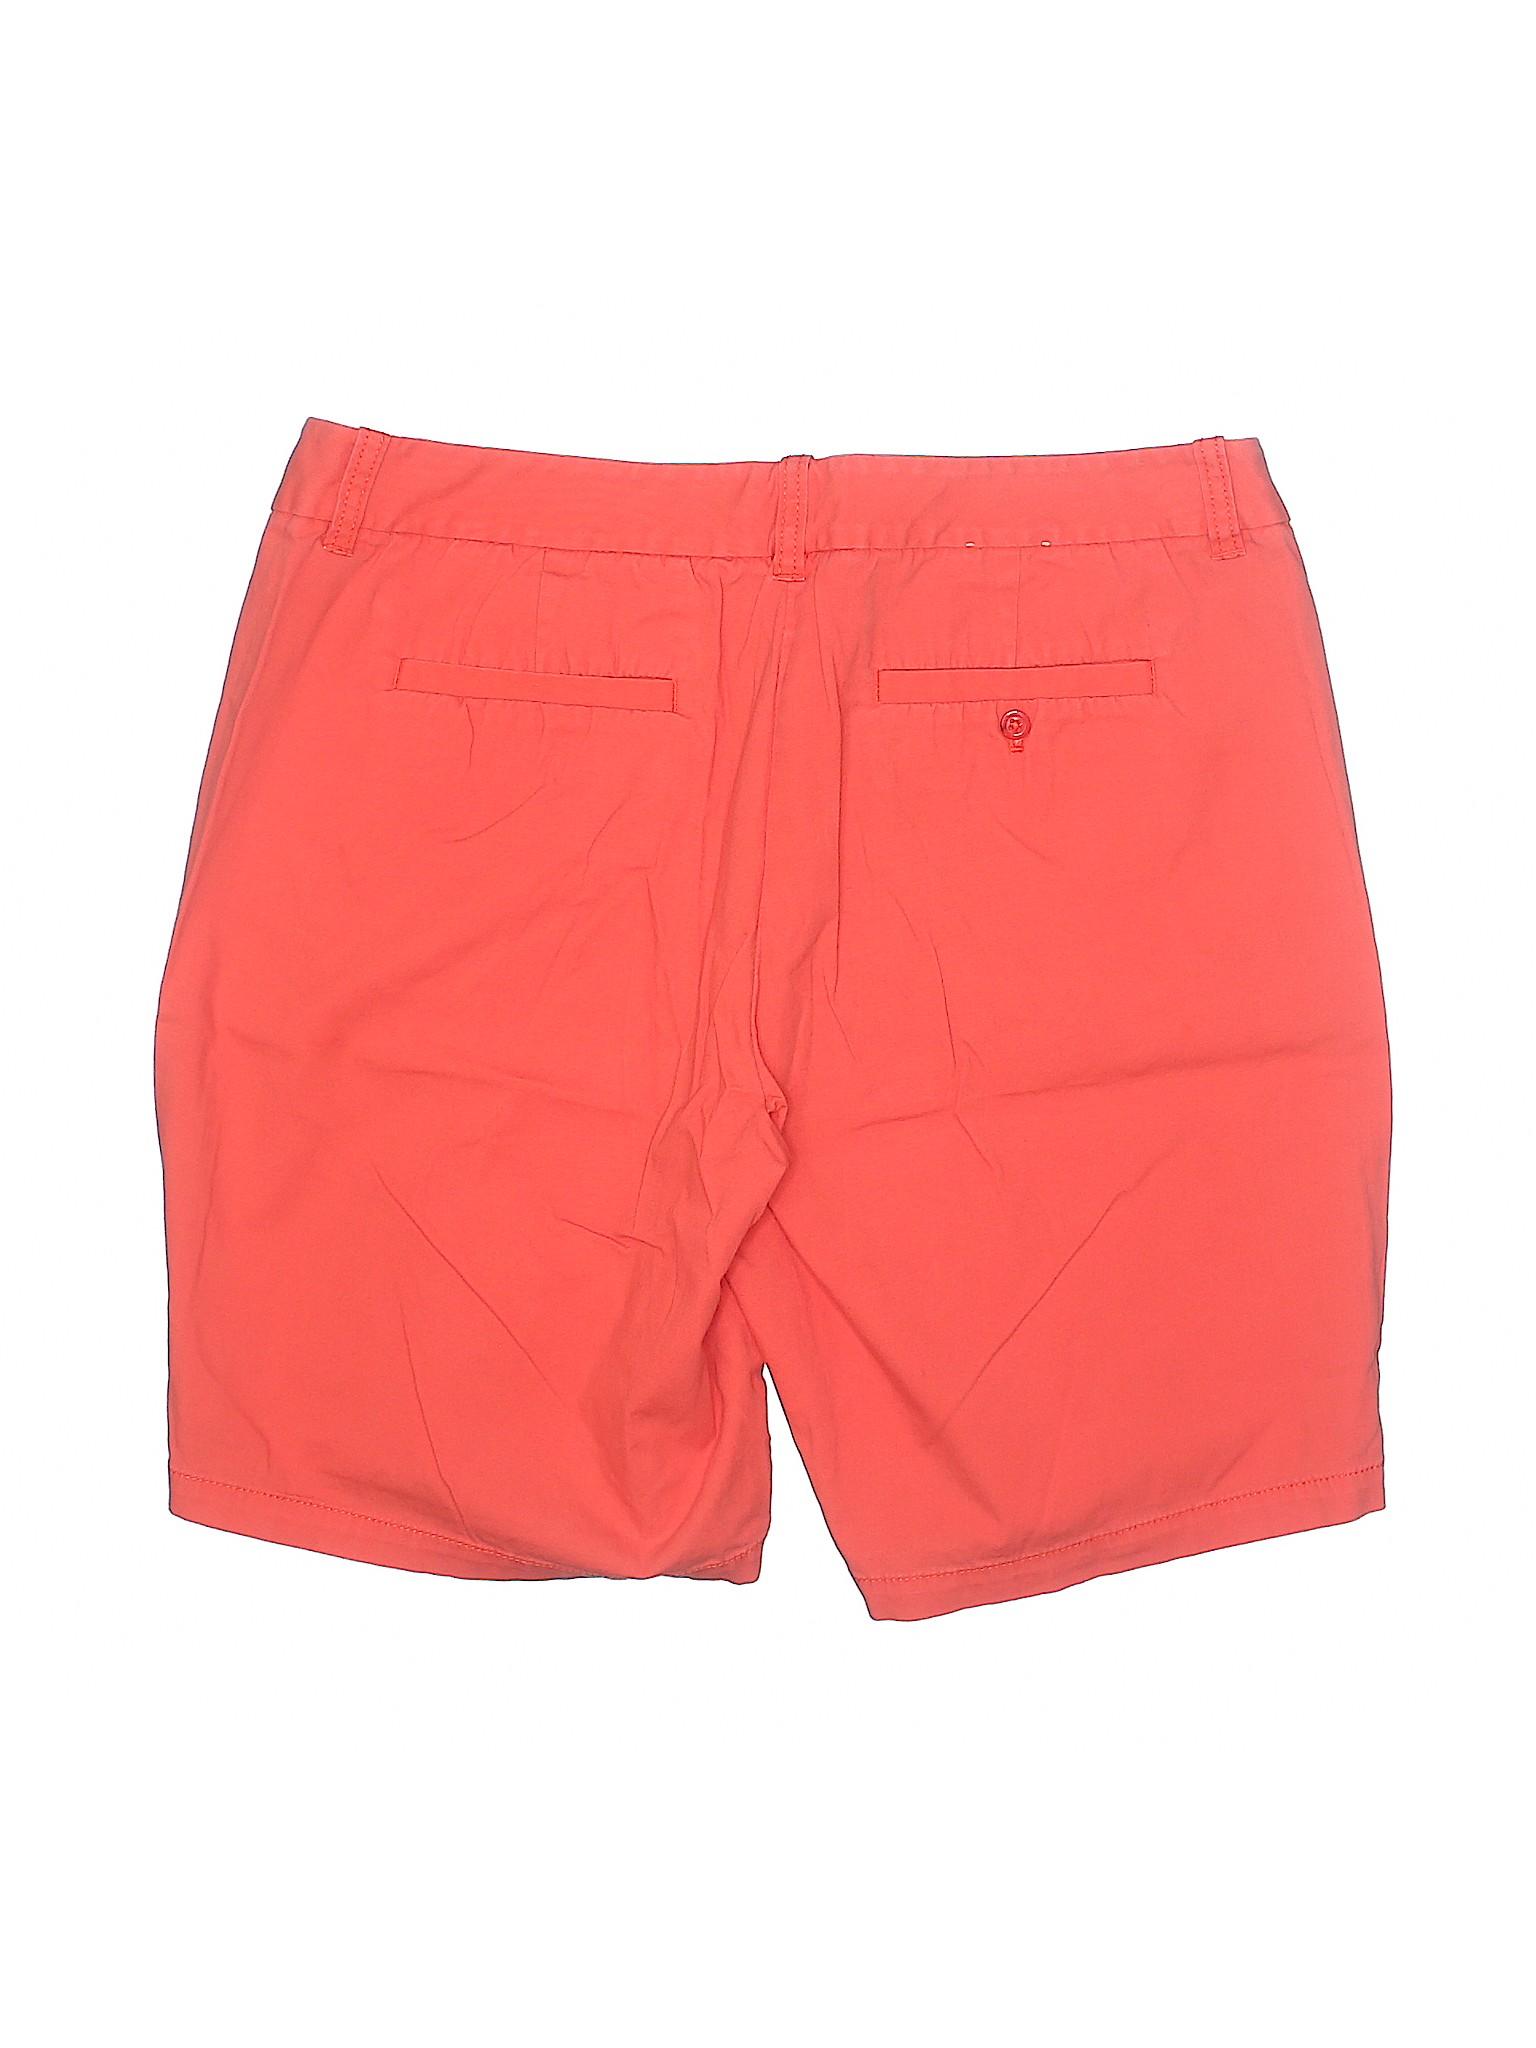 Khaki Shorts J Boutique Boutique J Crew xEqvI5X